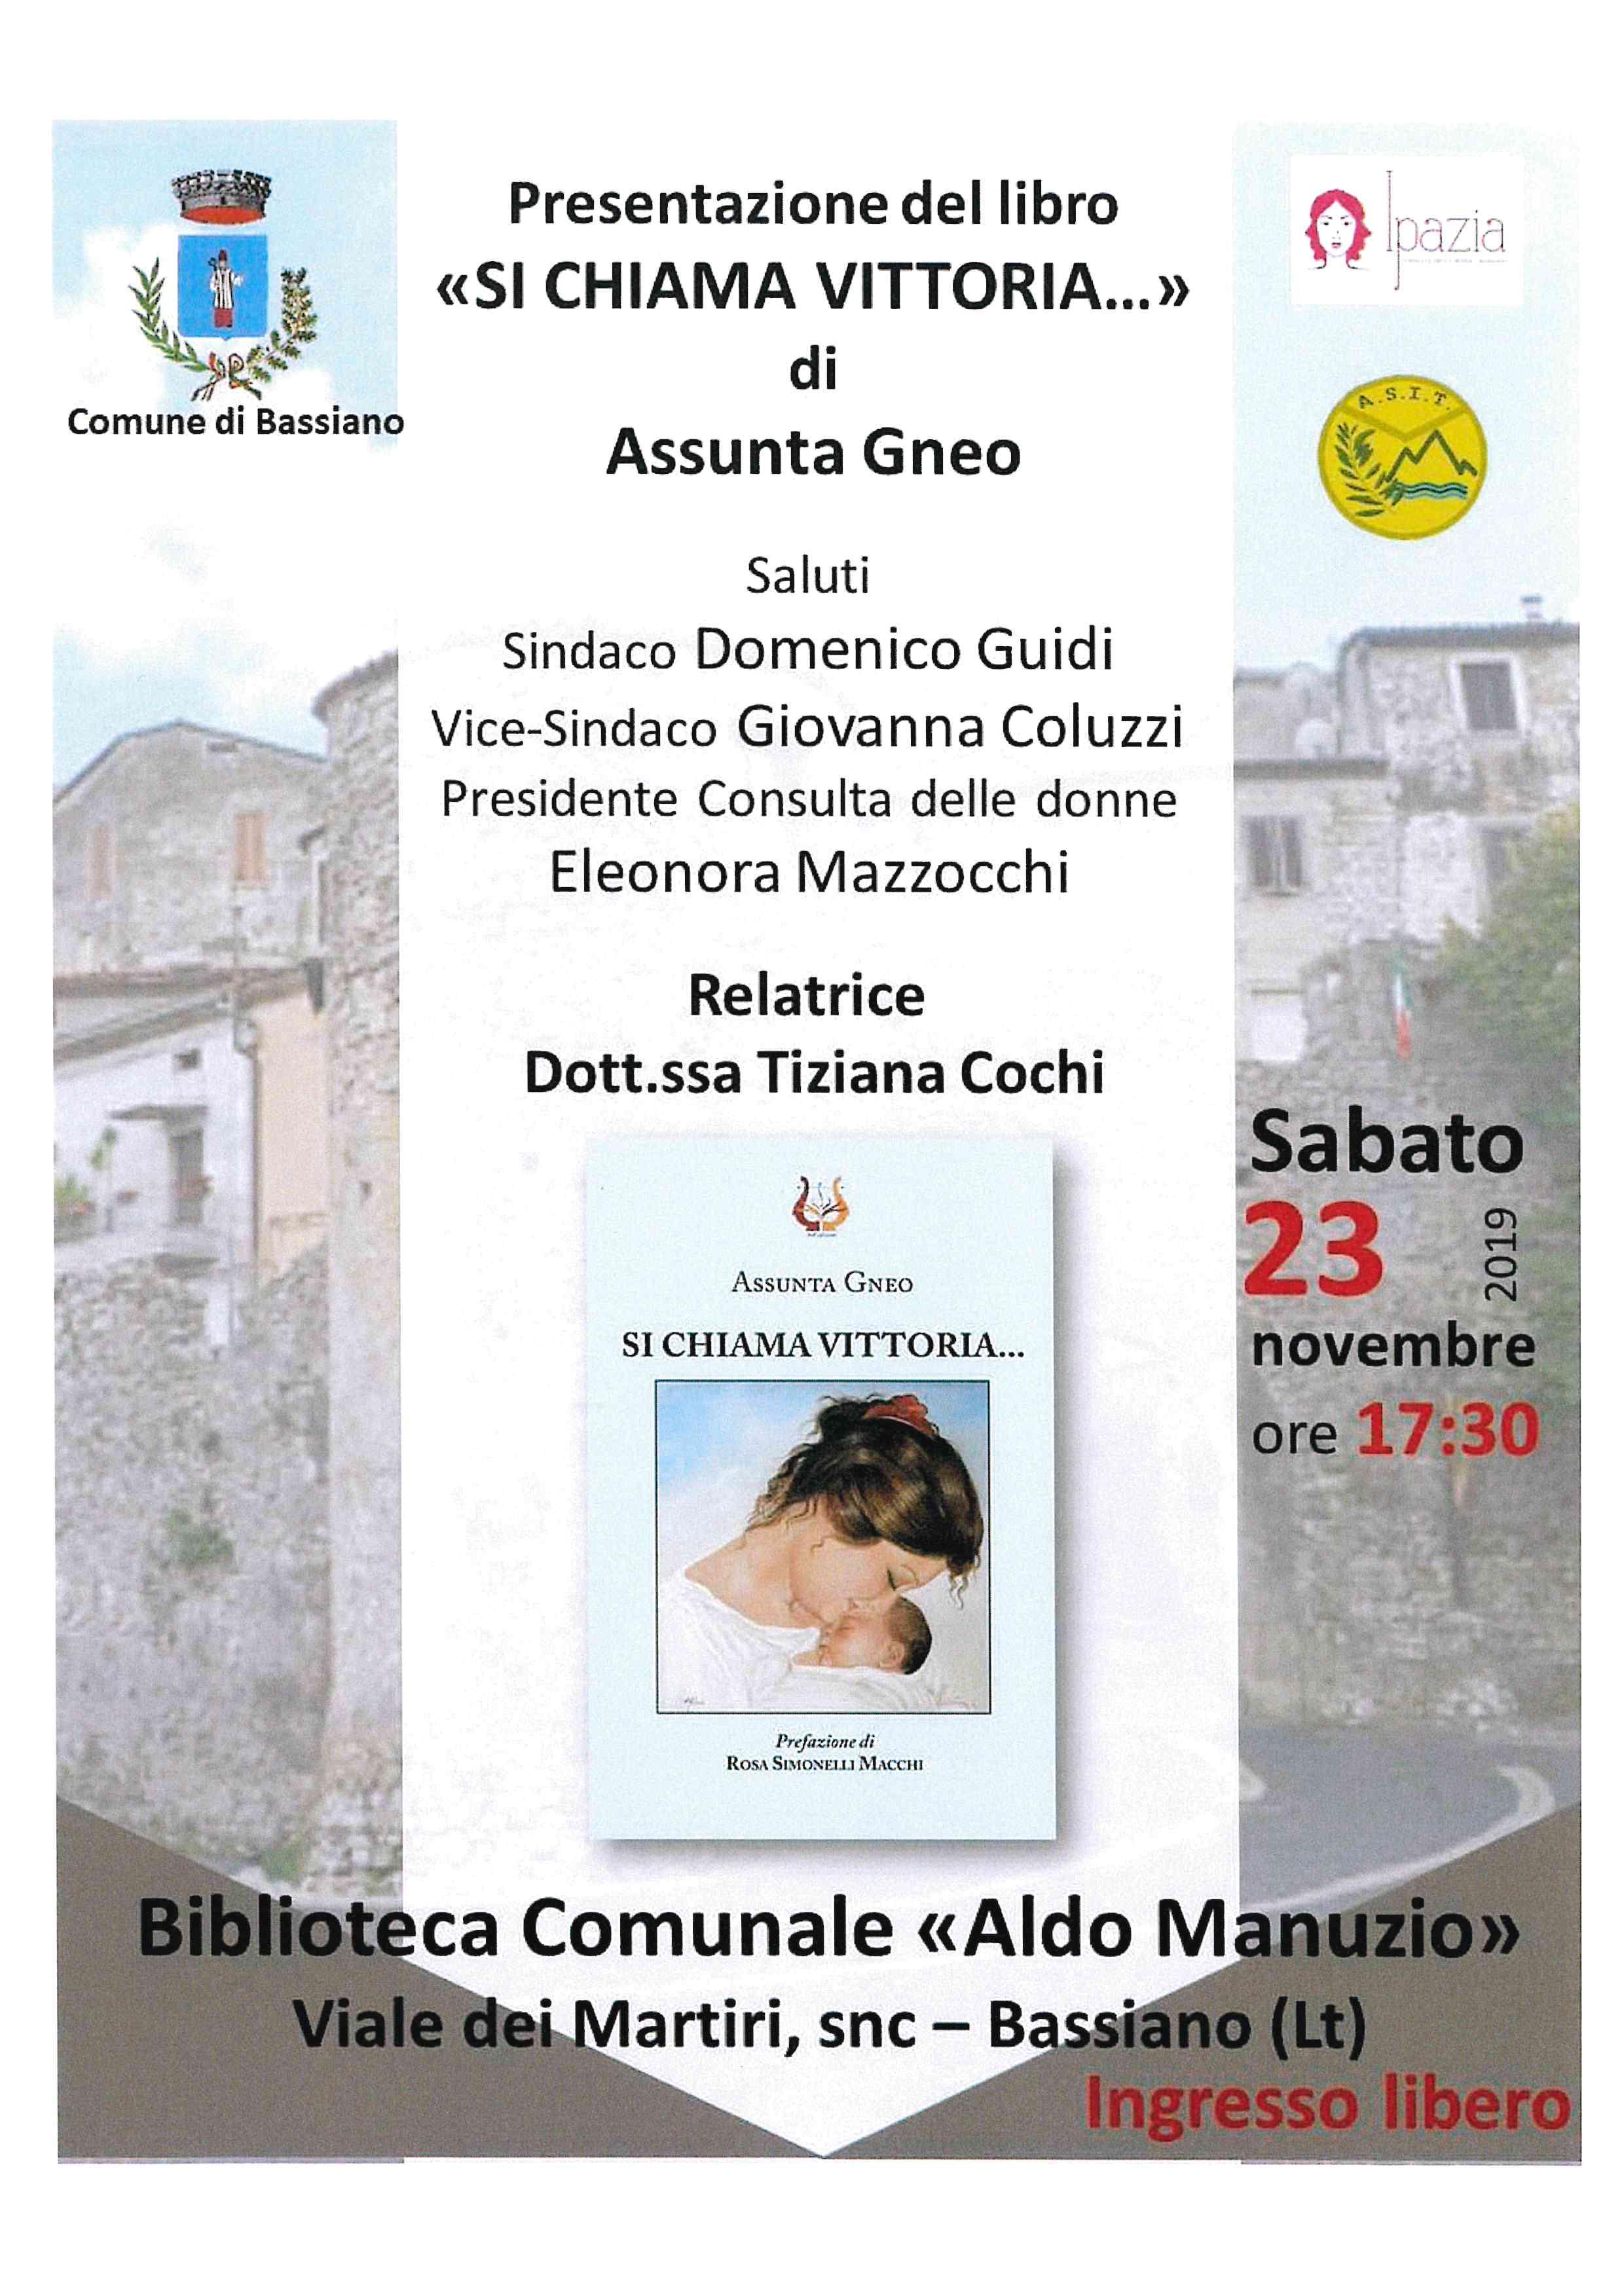 """Sabato 23 novembre 2019 ore 17:30 - PRESENTAZIONE DEL LIBRO """"SI CHIAMA VITTORIA..."""" DI Assunta Gneo"""